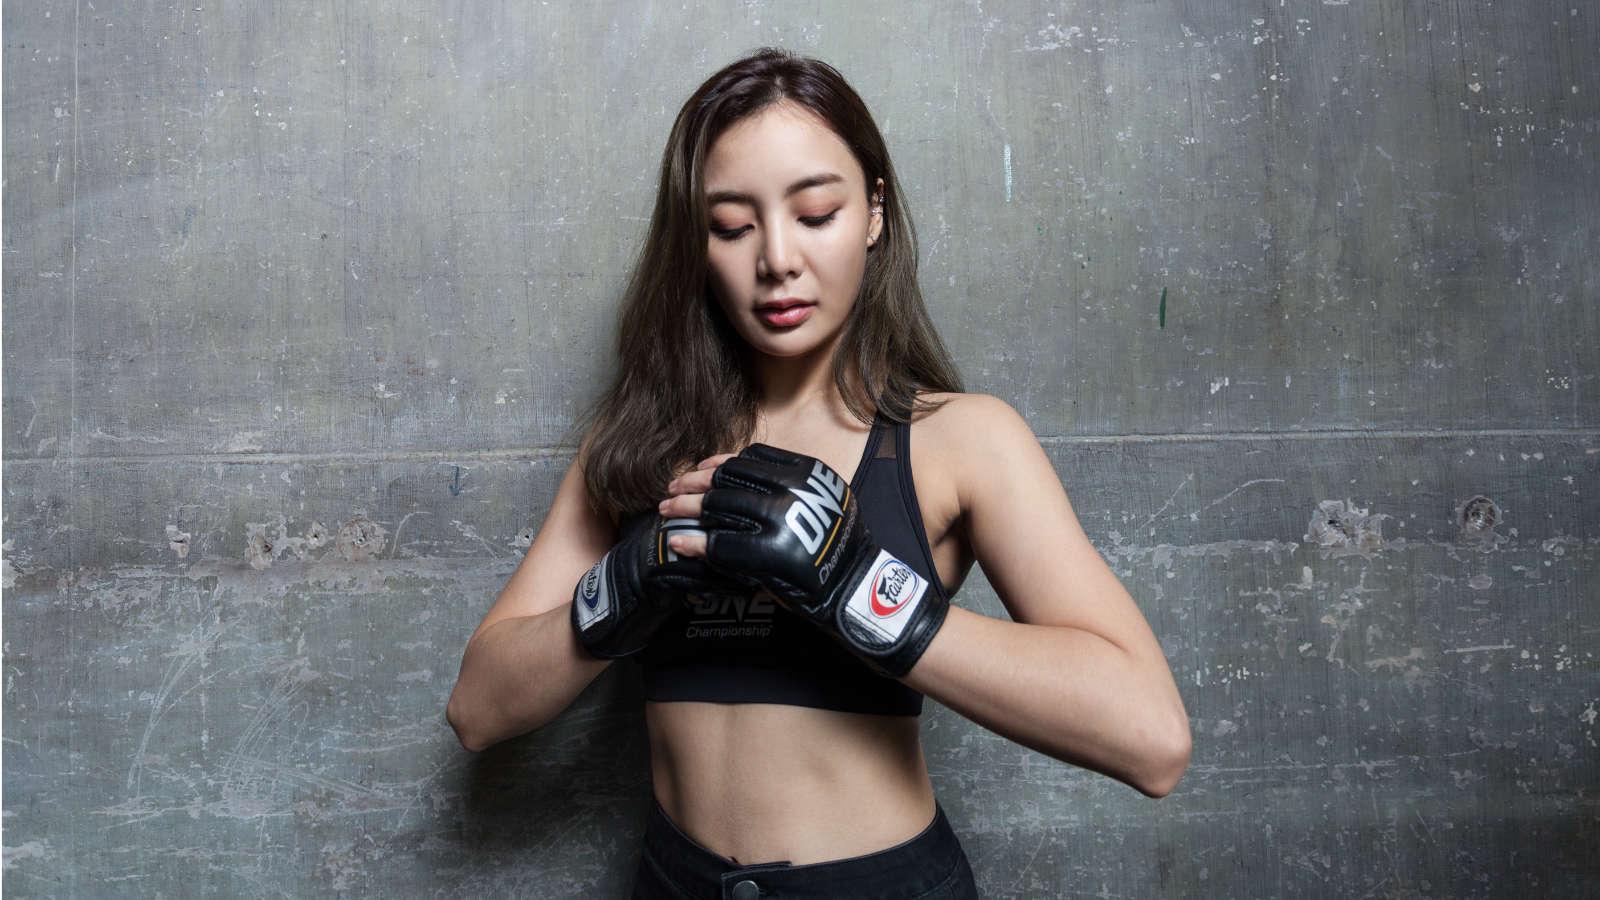 Rika Ishige hy vọng sẽ sử dụng kinh nghiệm của mình để khuyến khích tất cả các cô gái trở nên mạnh mẽ hơn